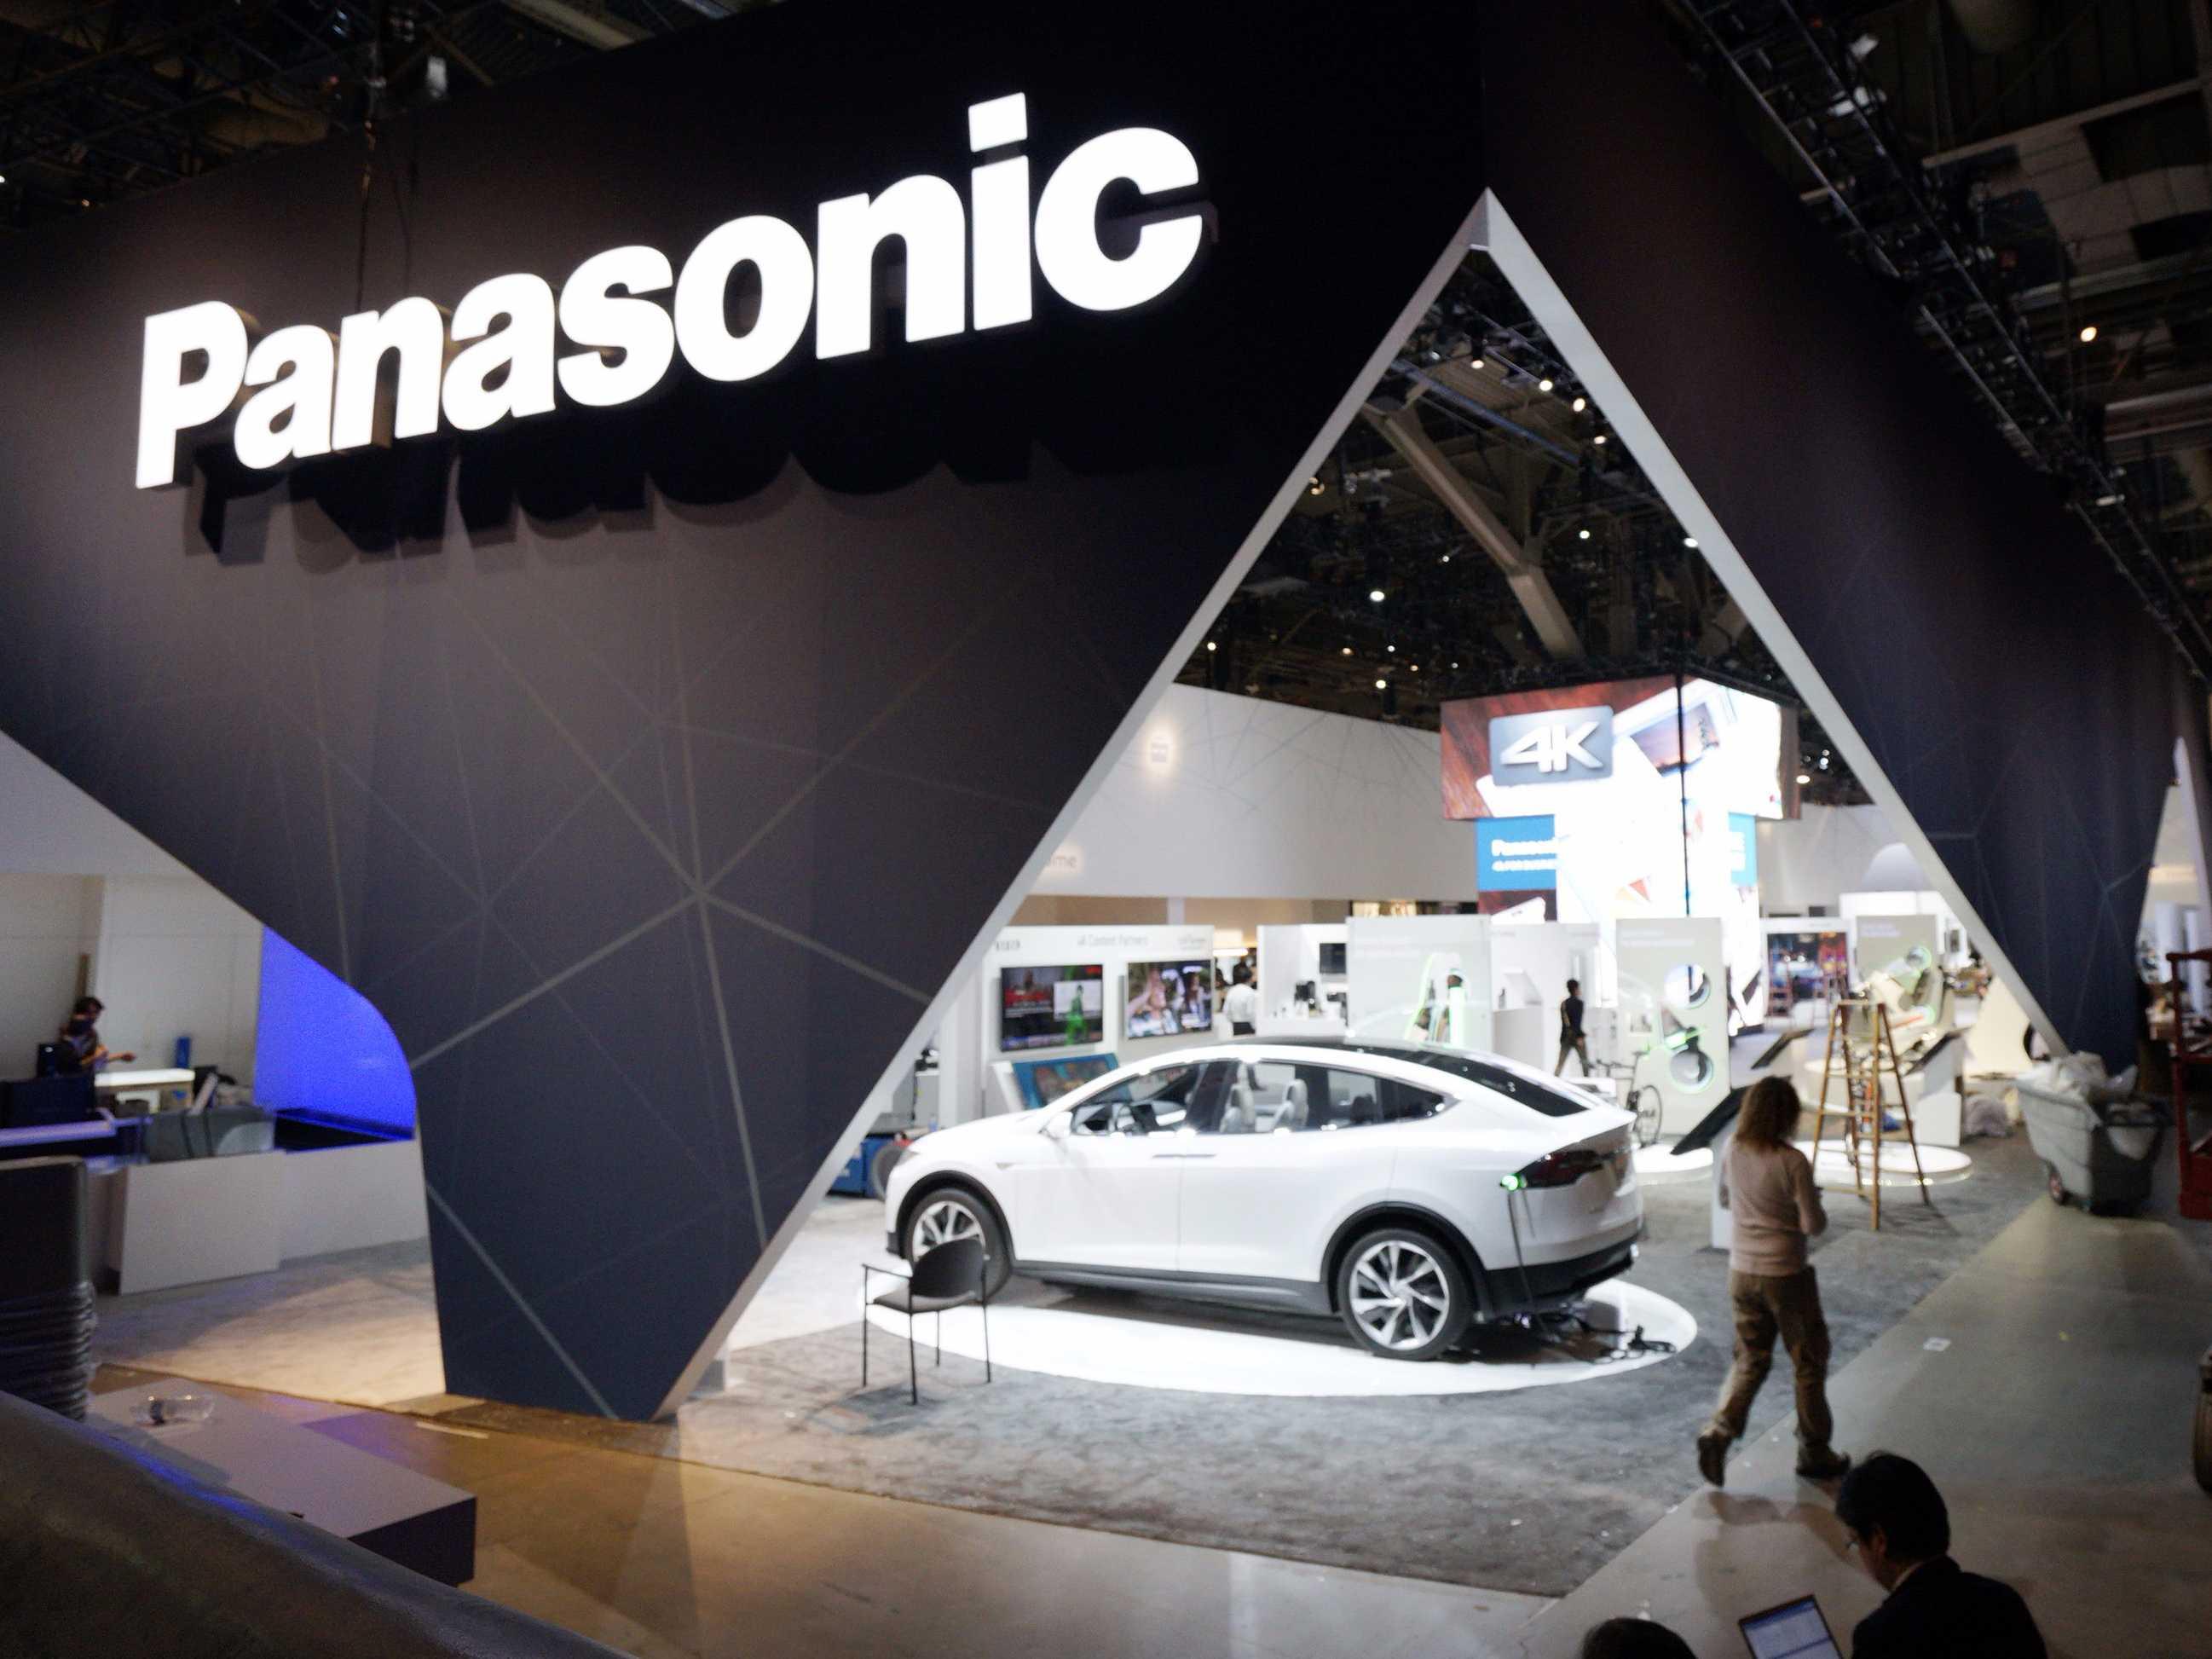 باناسونيك تتجه للاعتماد أكثر على قطاع السيارات في المستقبل